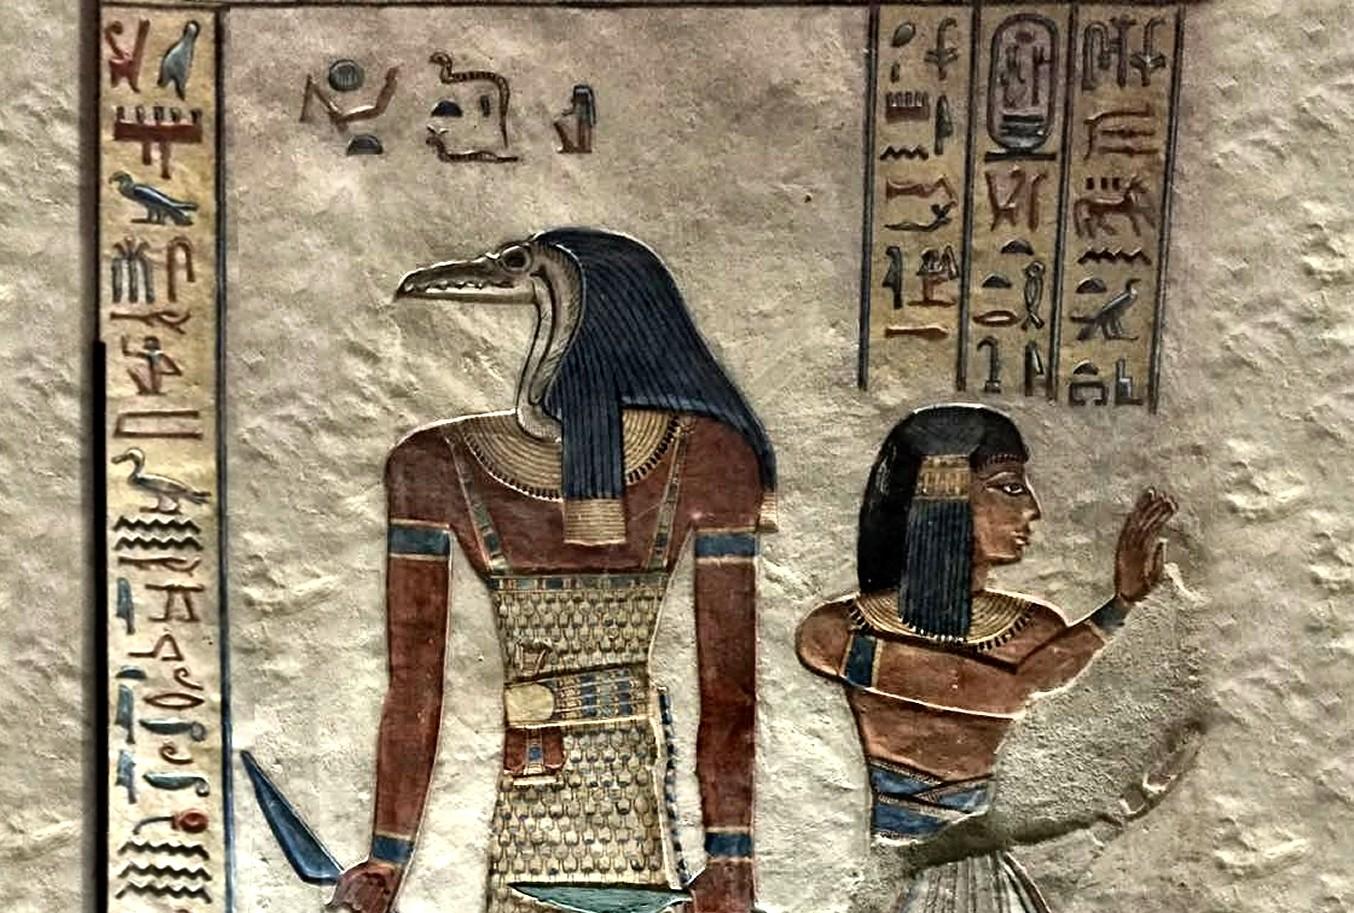 Demoni dell'antico Egitto. Le creature dell'oltremondo - Comune di Trieste